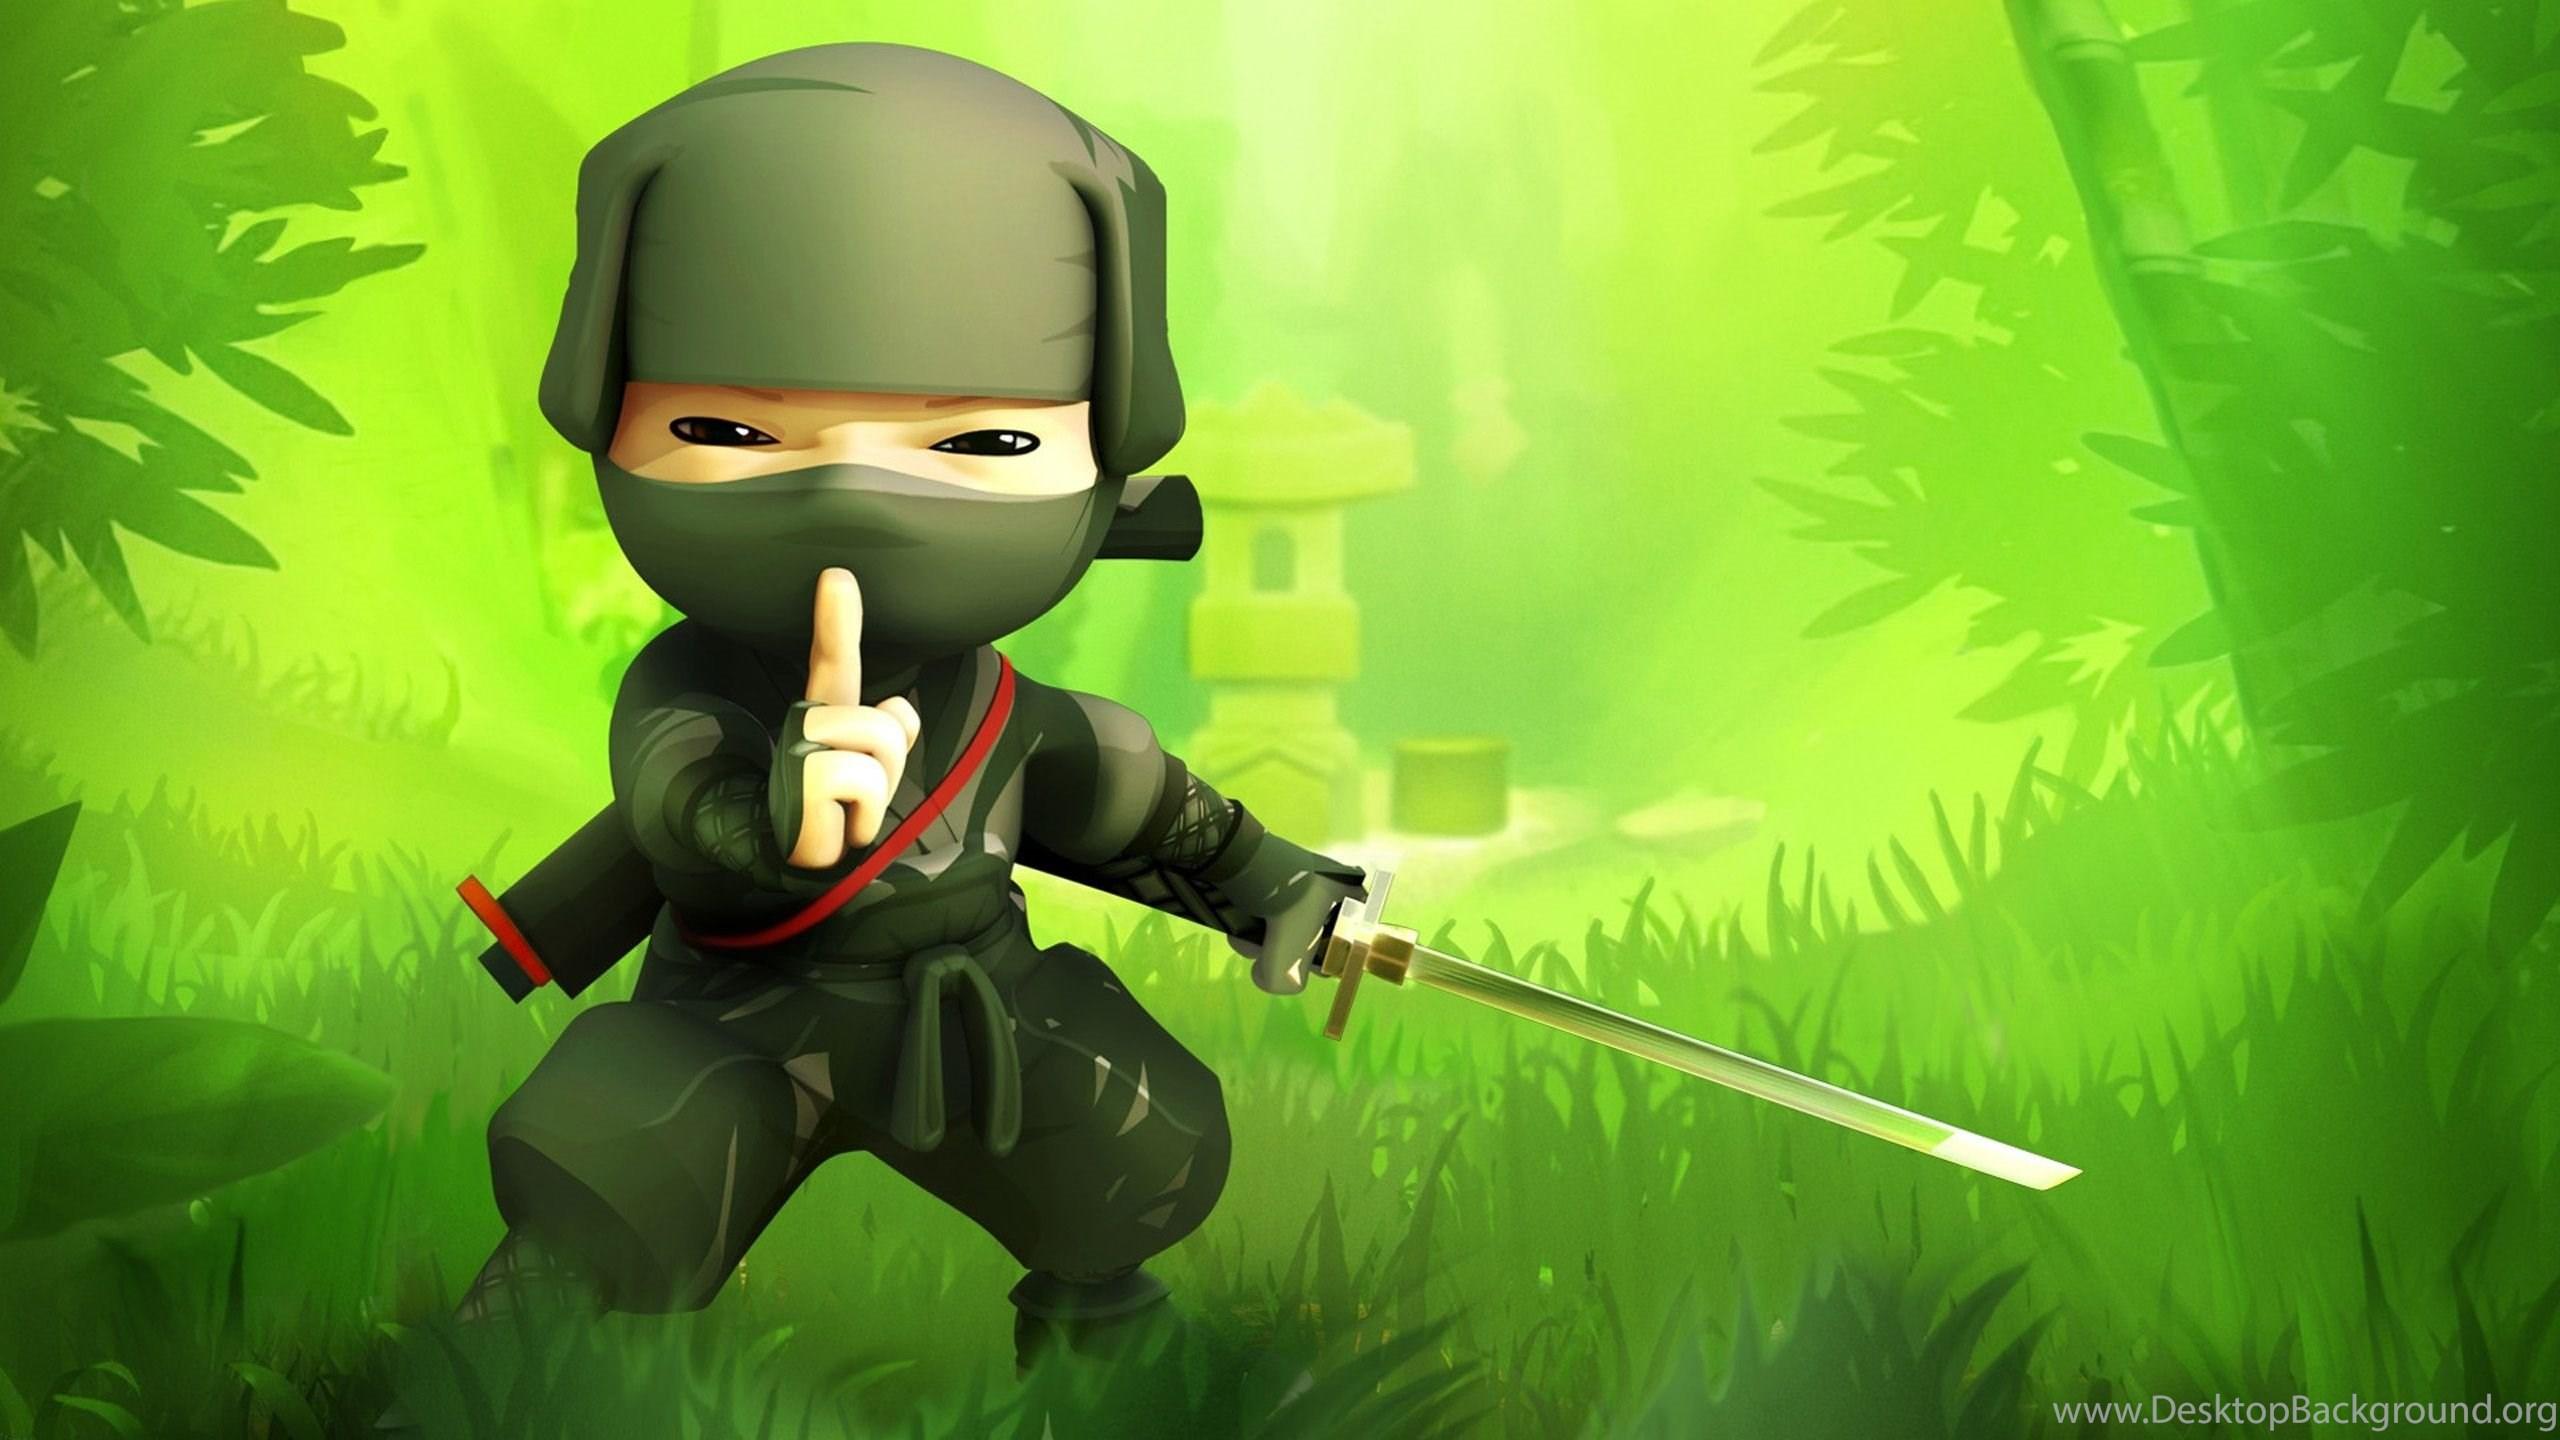 Download Ninja Cartoon Wallpapers HD Desktop Mobile Background